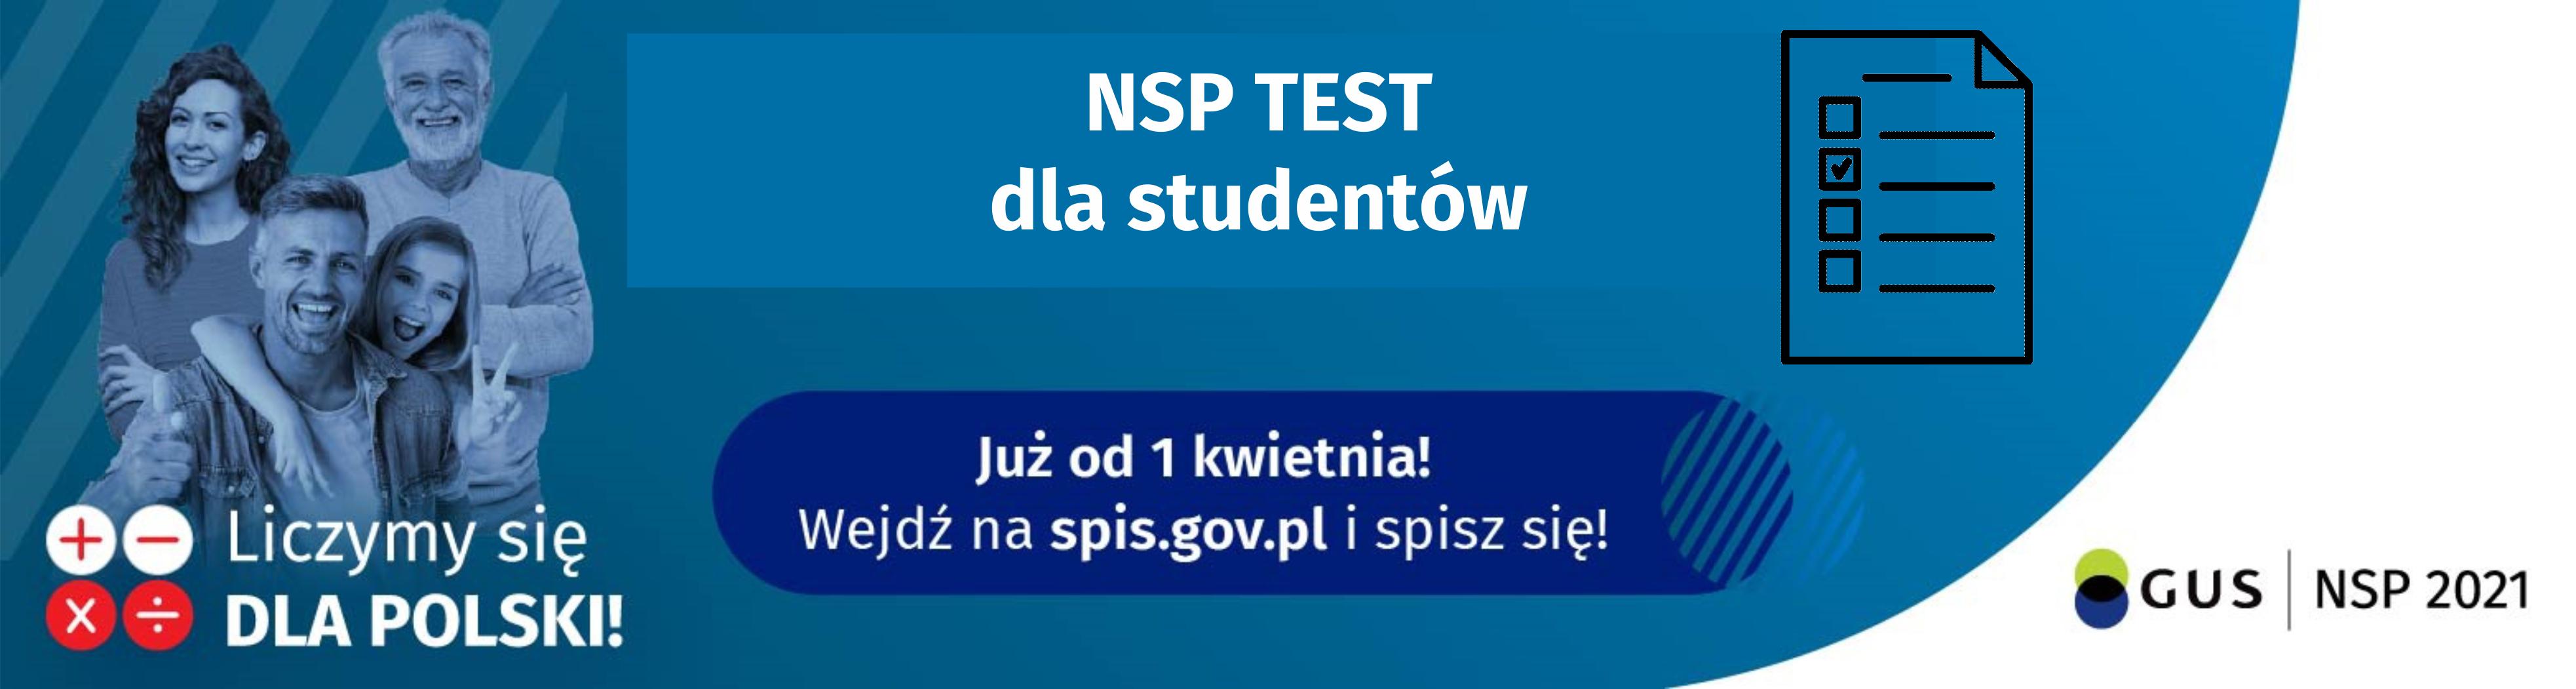 NSP test dla studentów